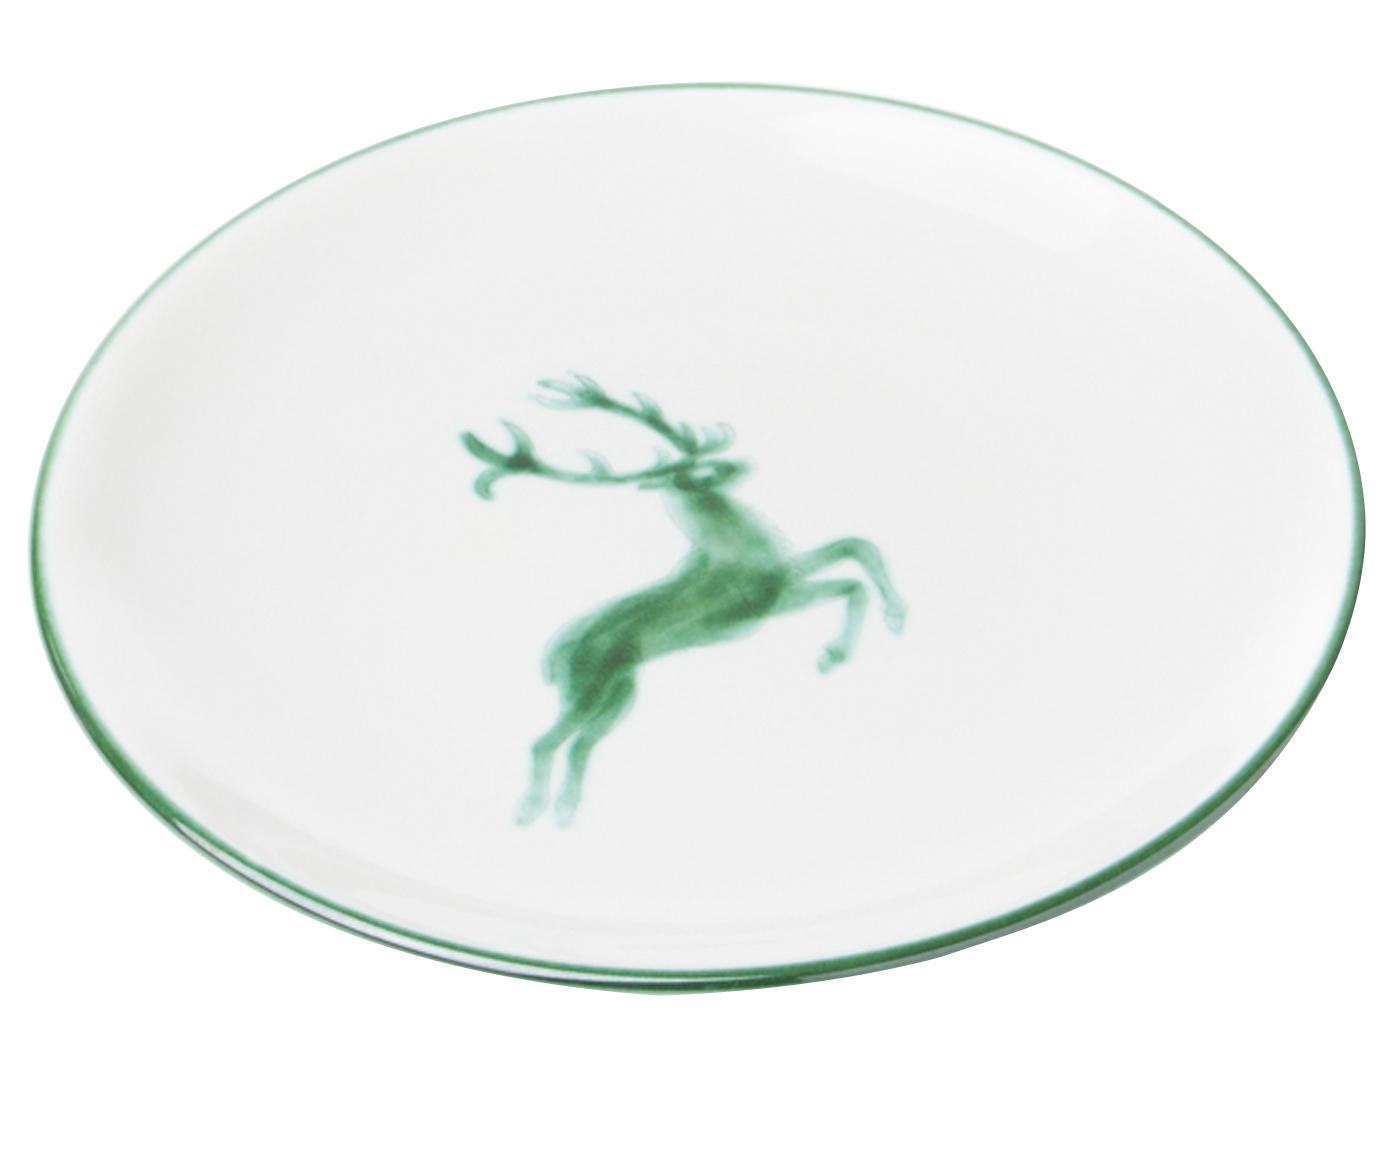 Talerz deserowy Classic Grüner Hirsch, Ceramika, Zielony, biały, Ø 20 cm